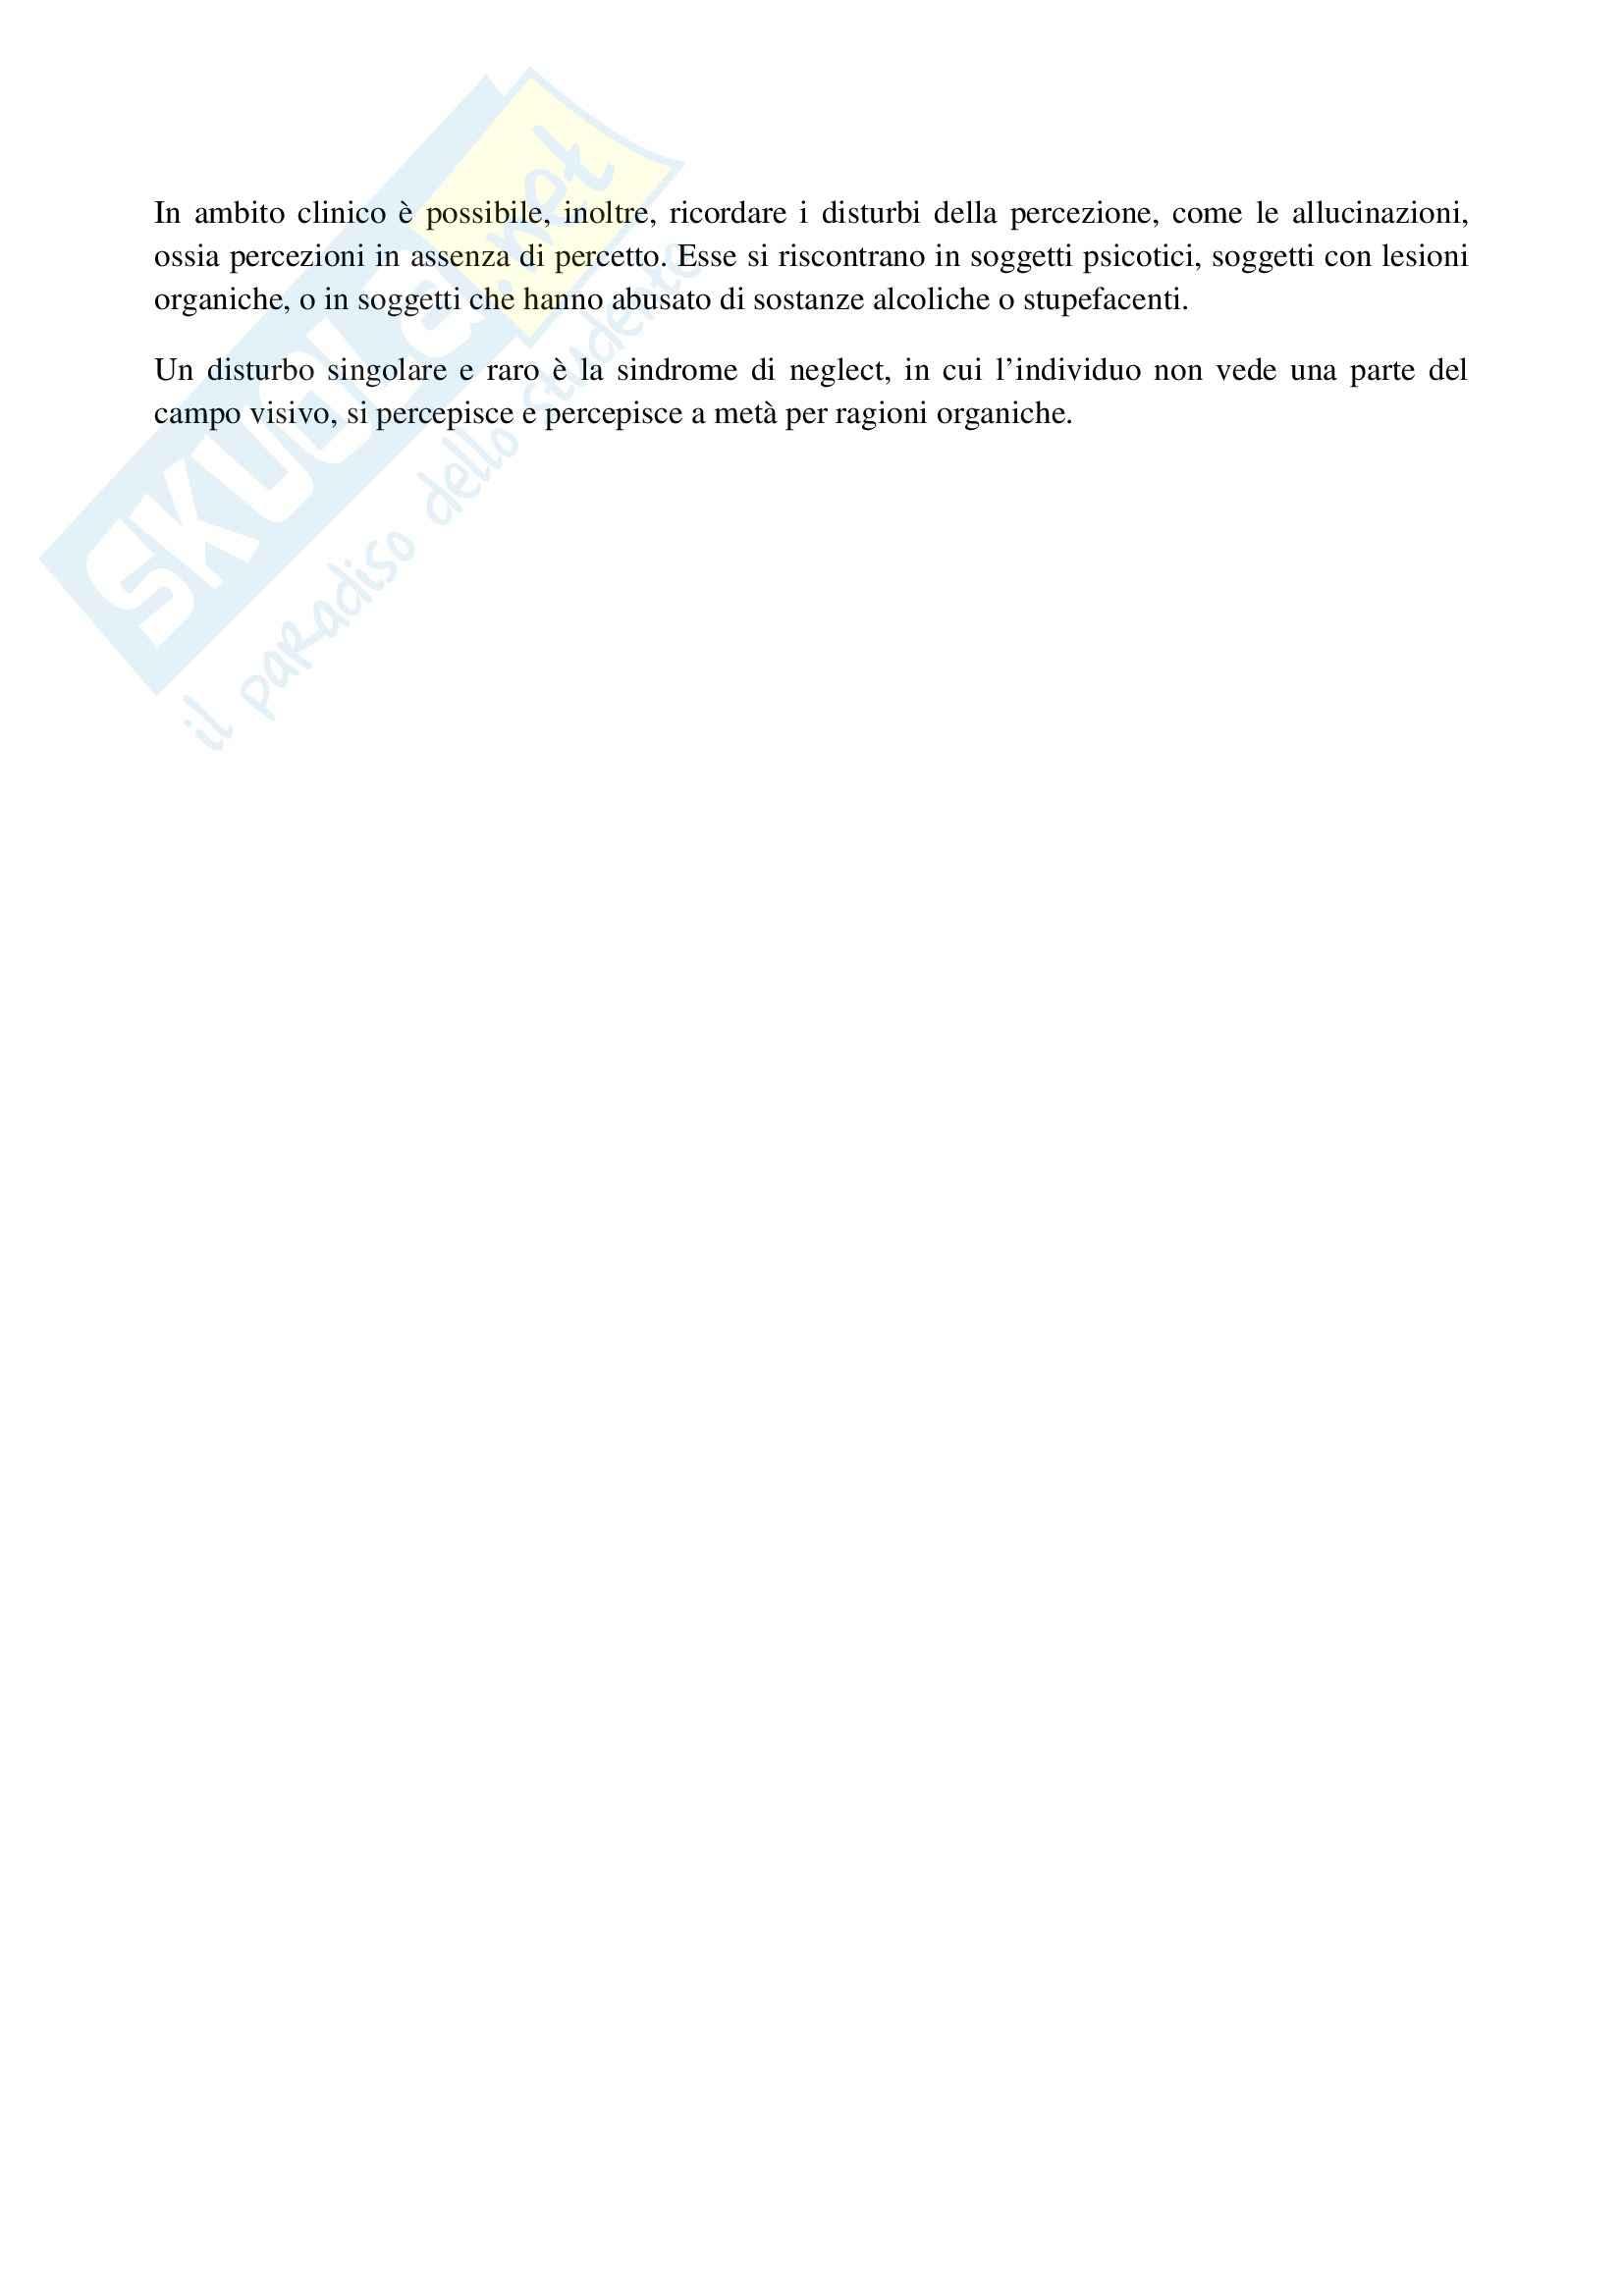 TEMI SVOLTI ESAME DI STATO PSICOLOGO SECONDA PARTE Pag. 41